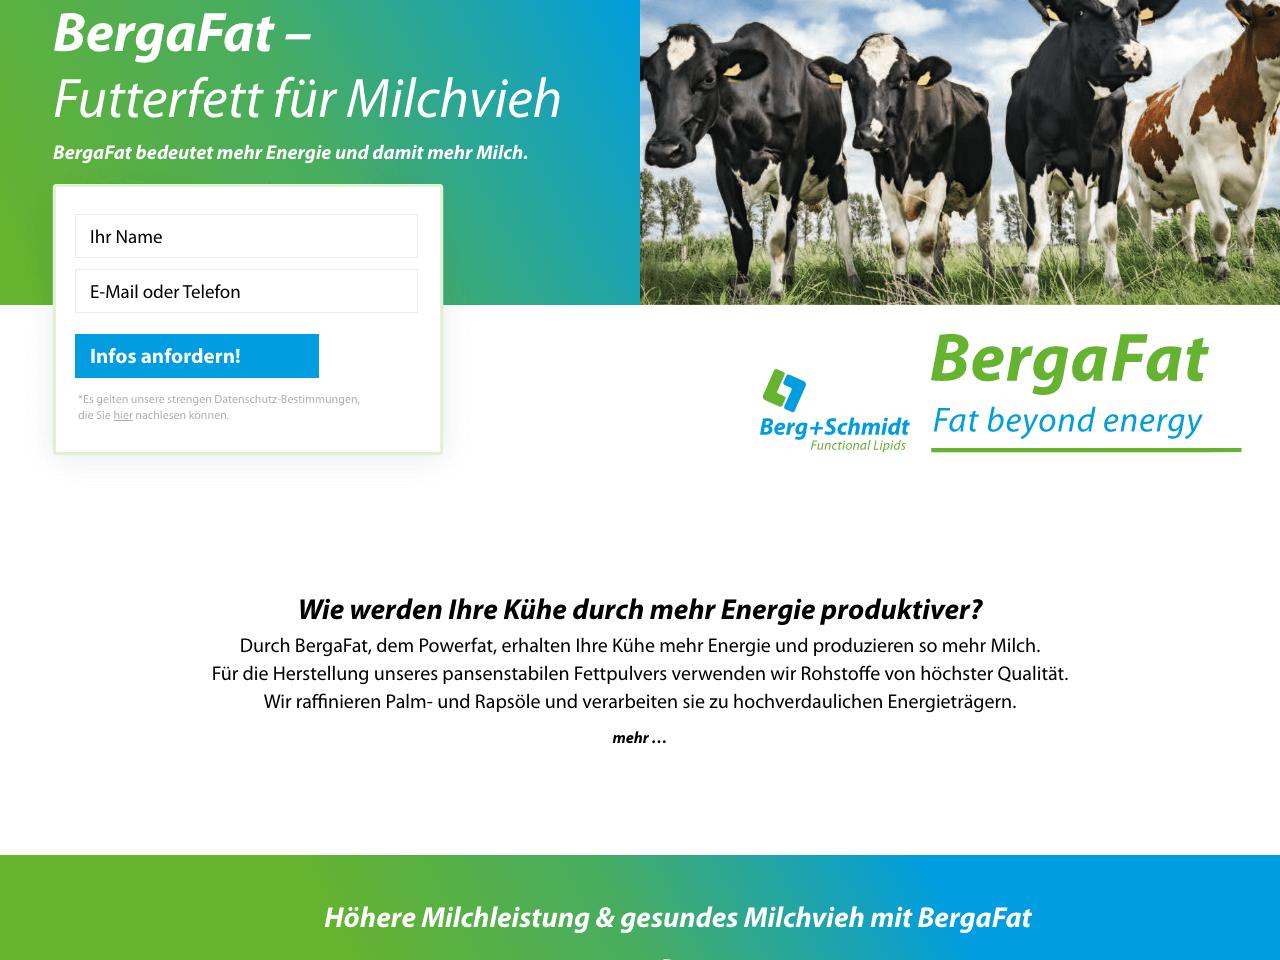 Lead-Kampagne für Stern Wywiol/Bergafat Hamburg